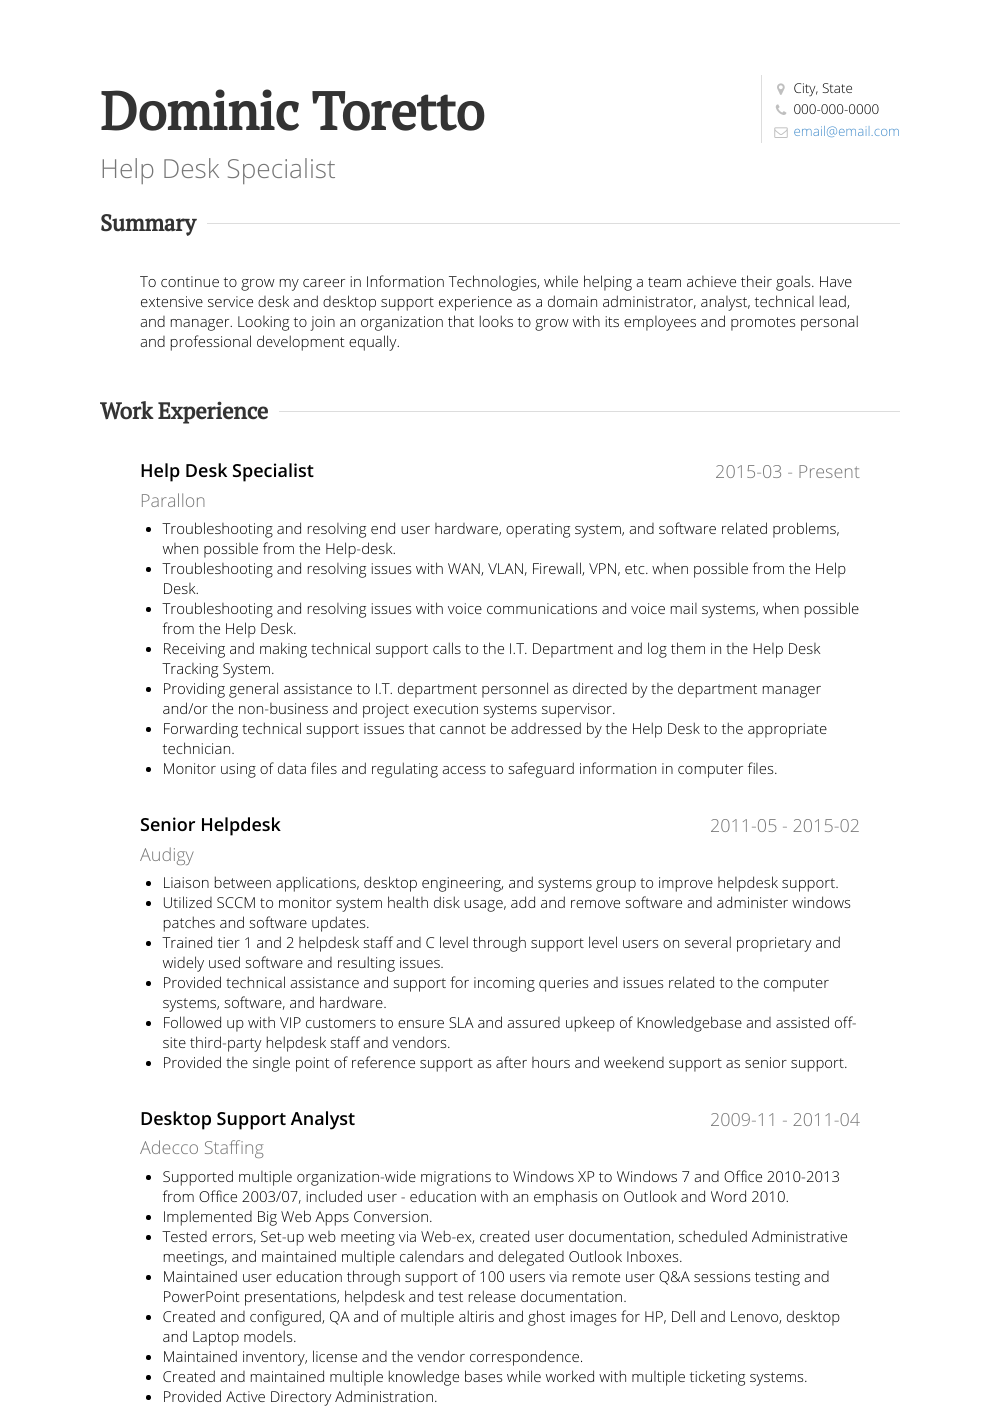 Help Desk Analyst